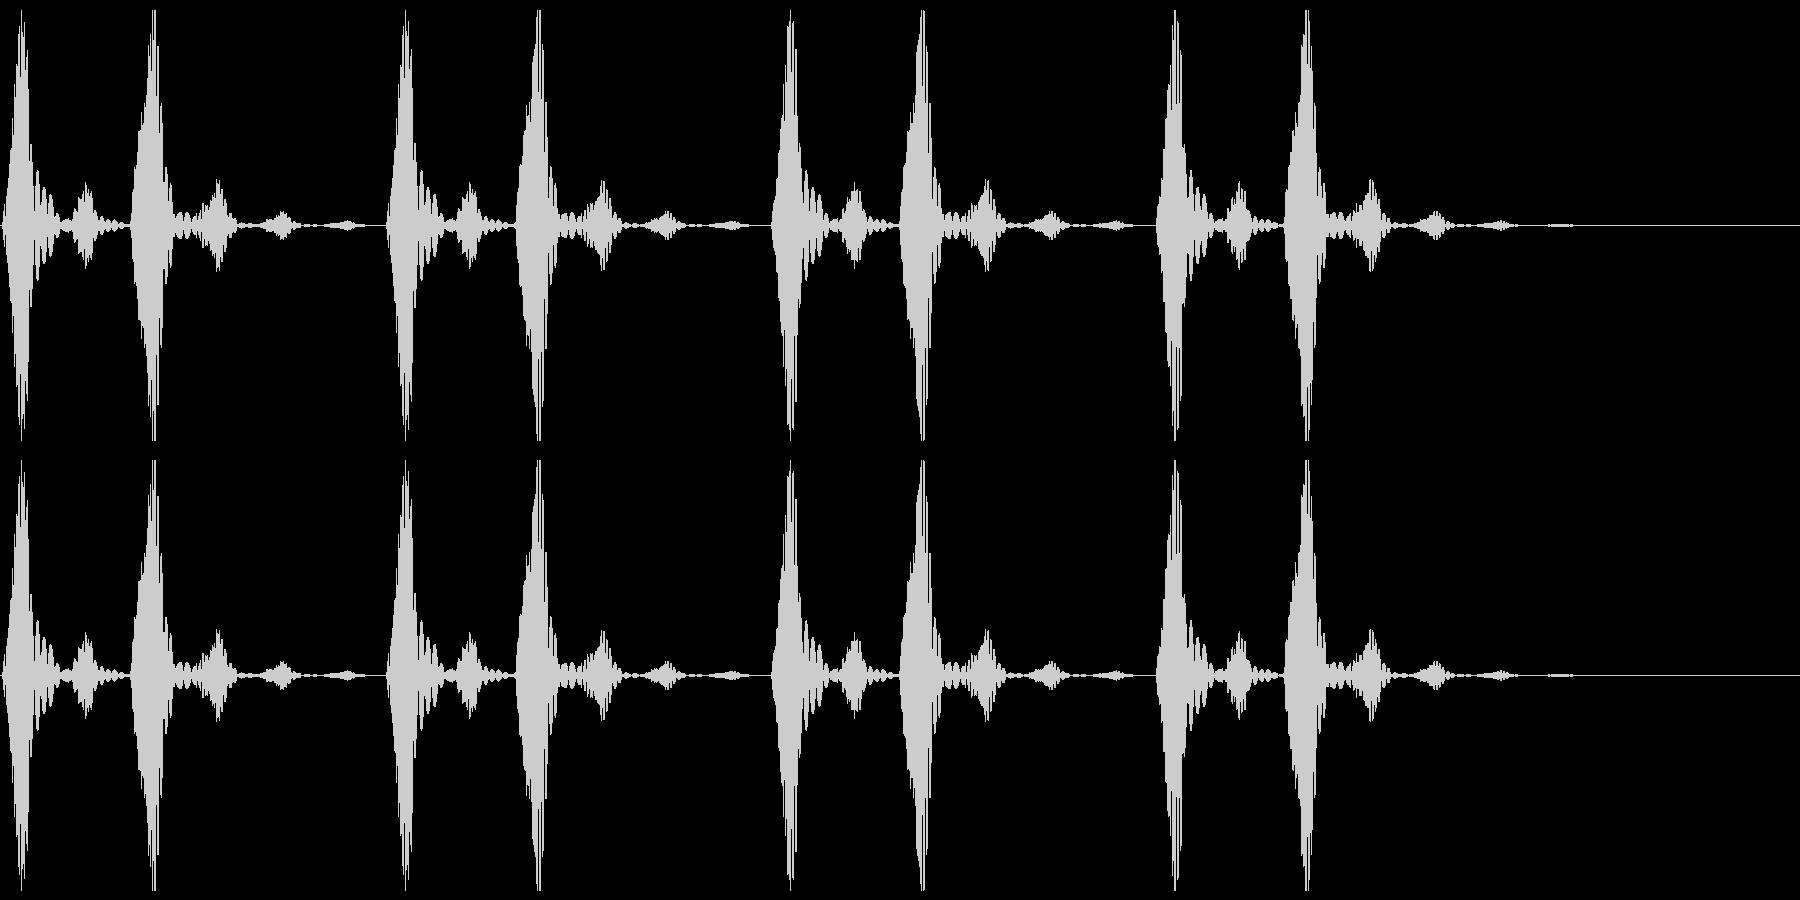 鼓動のイメージです。の未再生の波形